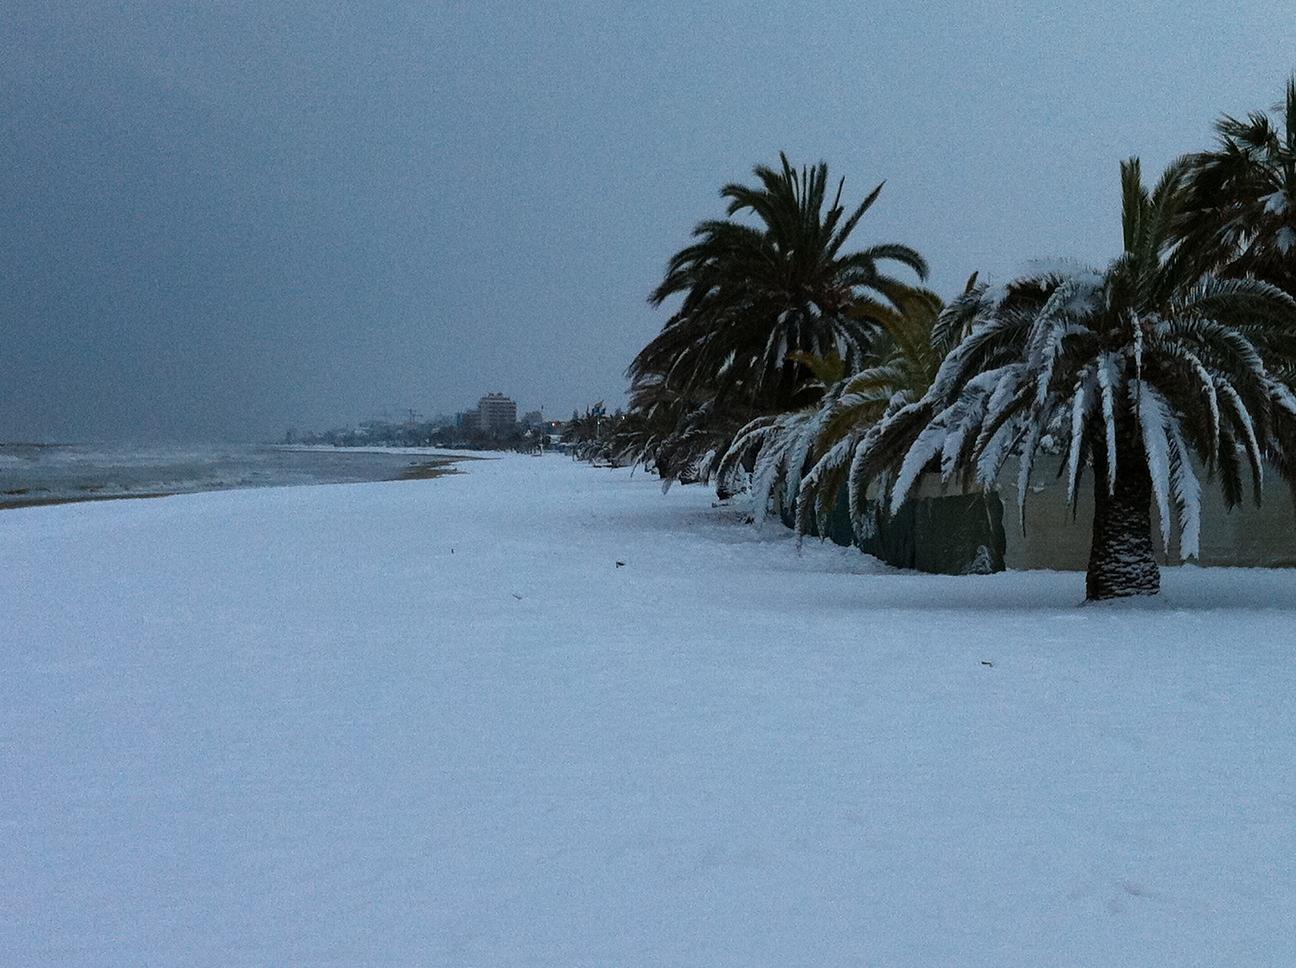 Neve a San Benedetto, 3 febbraio 2012 foto di Mariano Vannicola 4